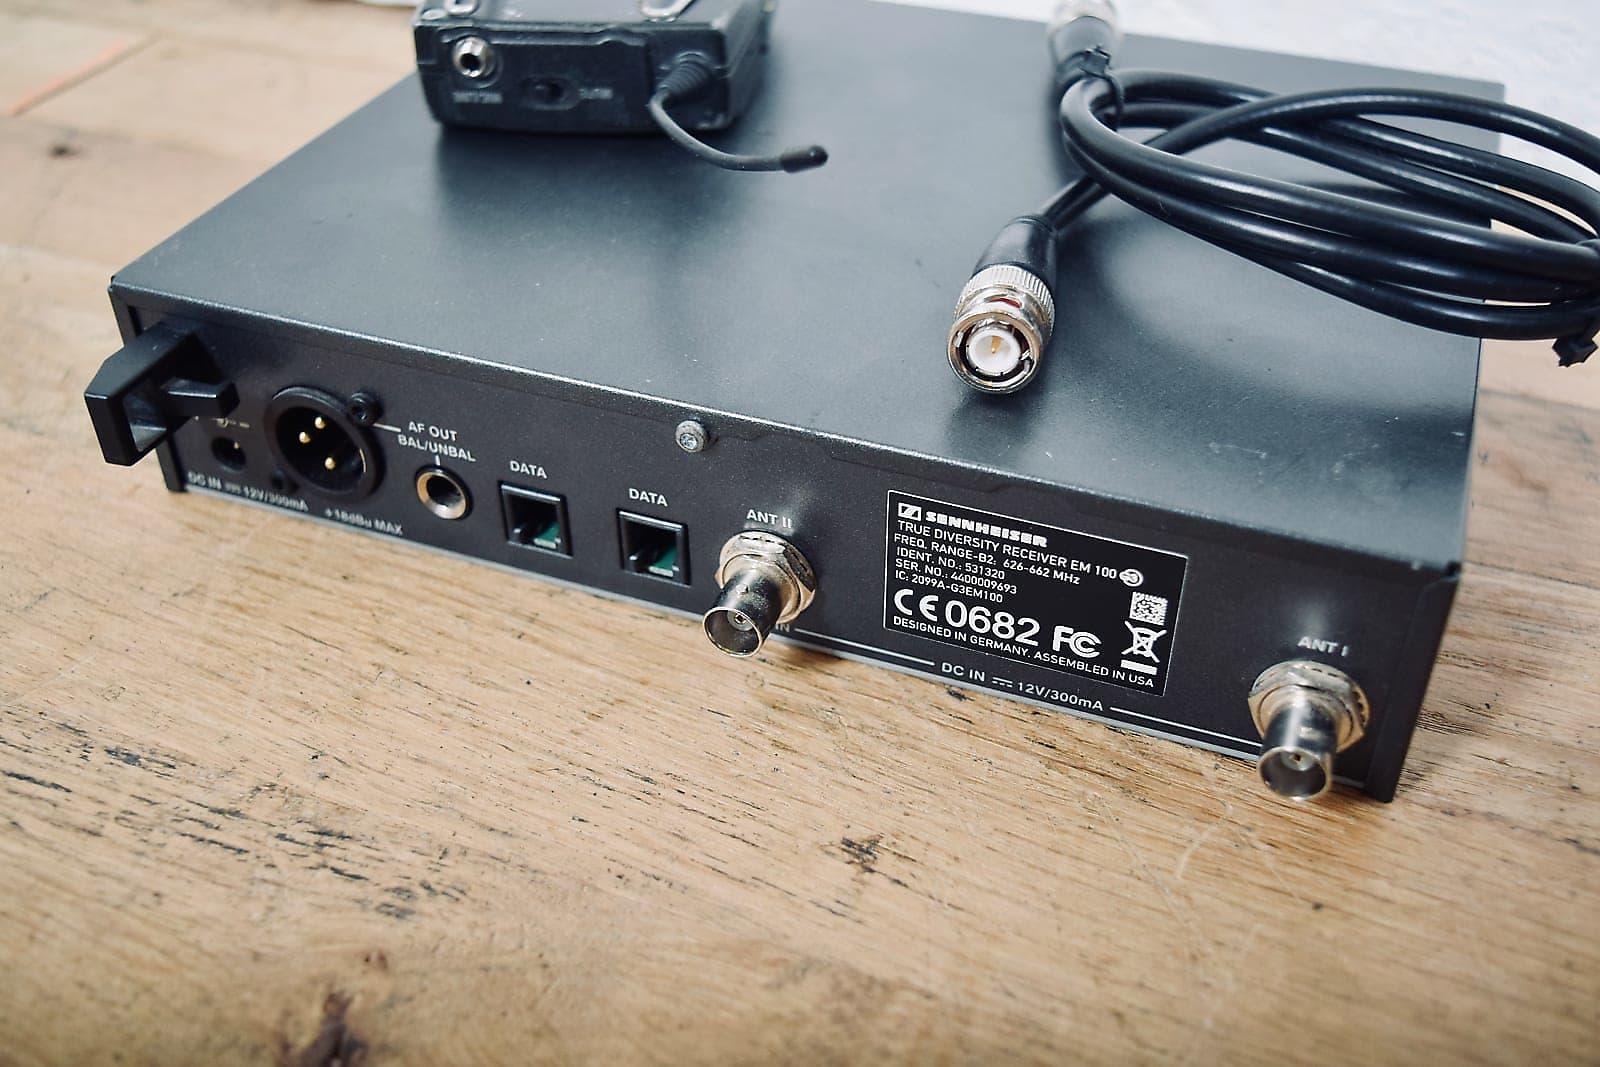 Sennheiser EW100 G3 wireless microphone system belt pack 626-662 mhz excellent